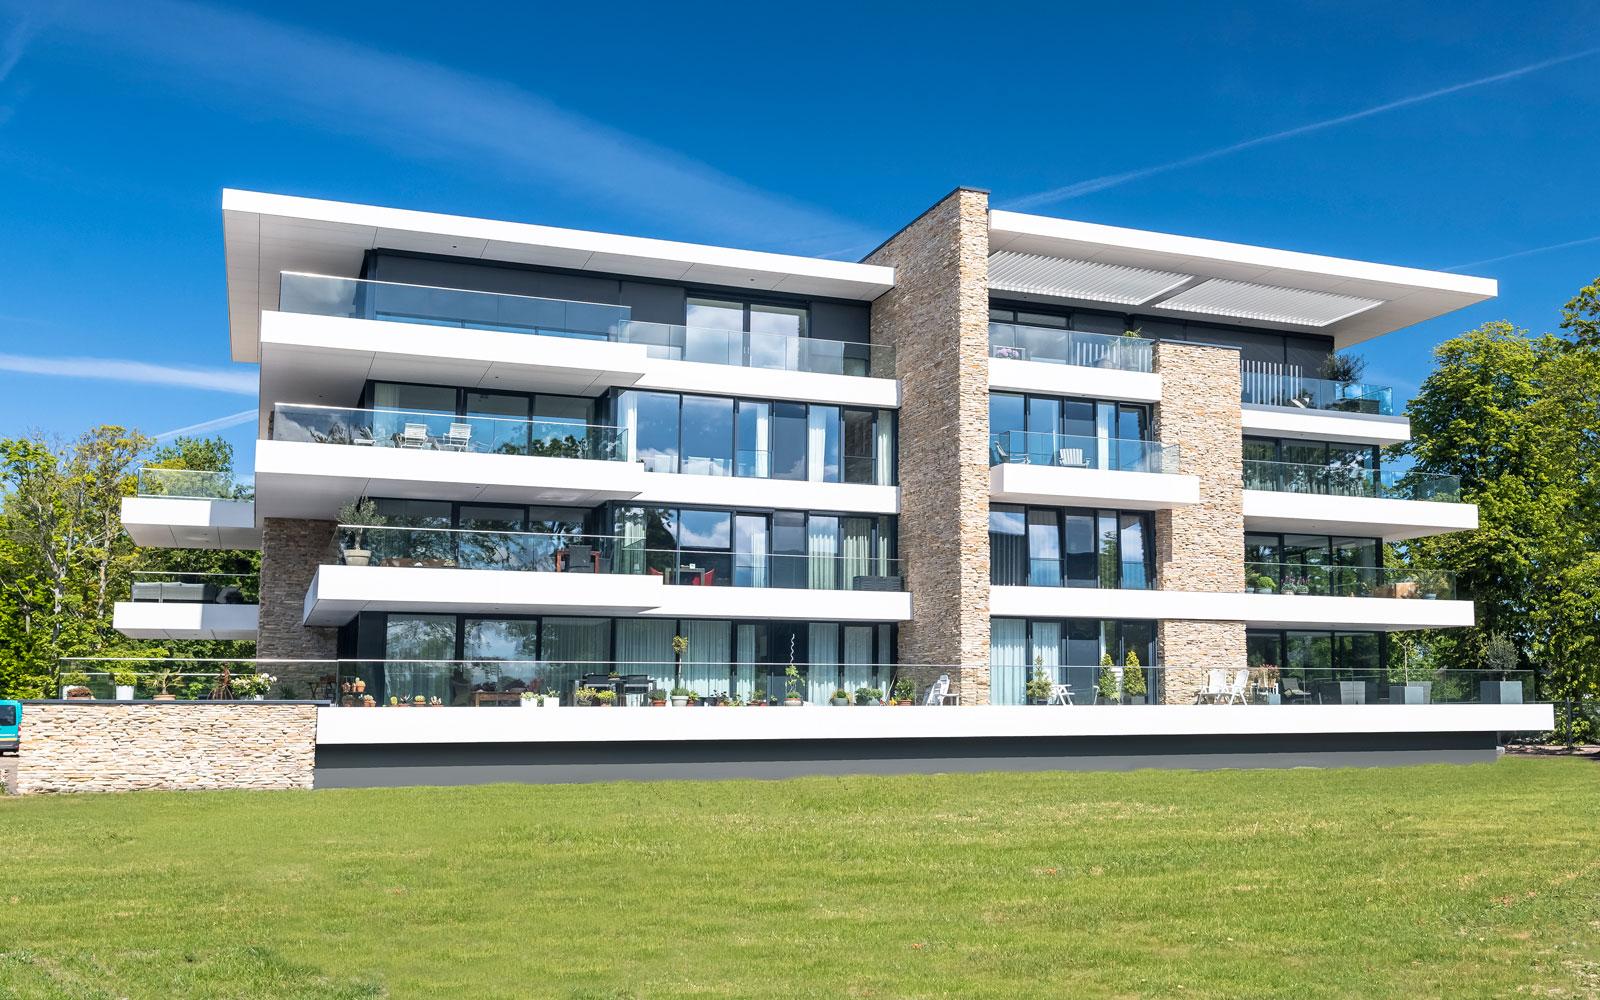 natuursteen, natuurgevelsteen, appartementencomplex, exclusief materiaal, prachtig, luxe uitstraling